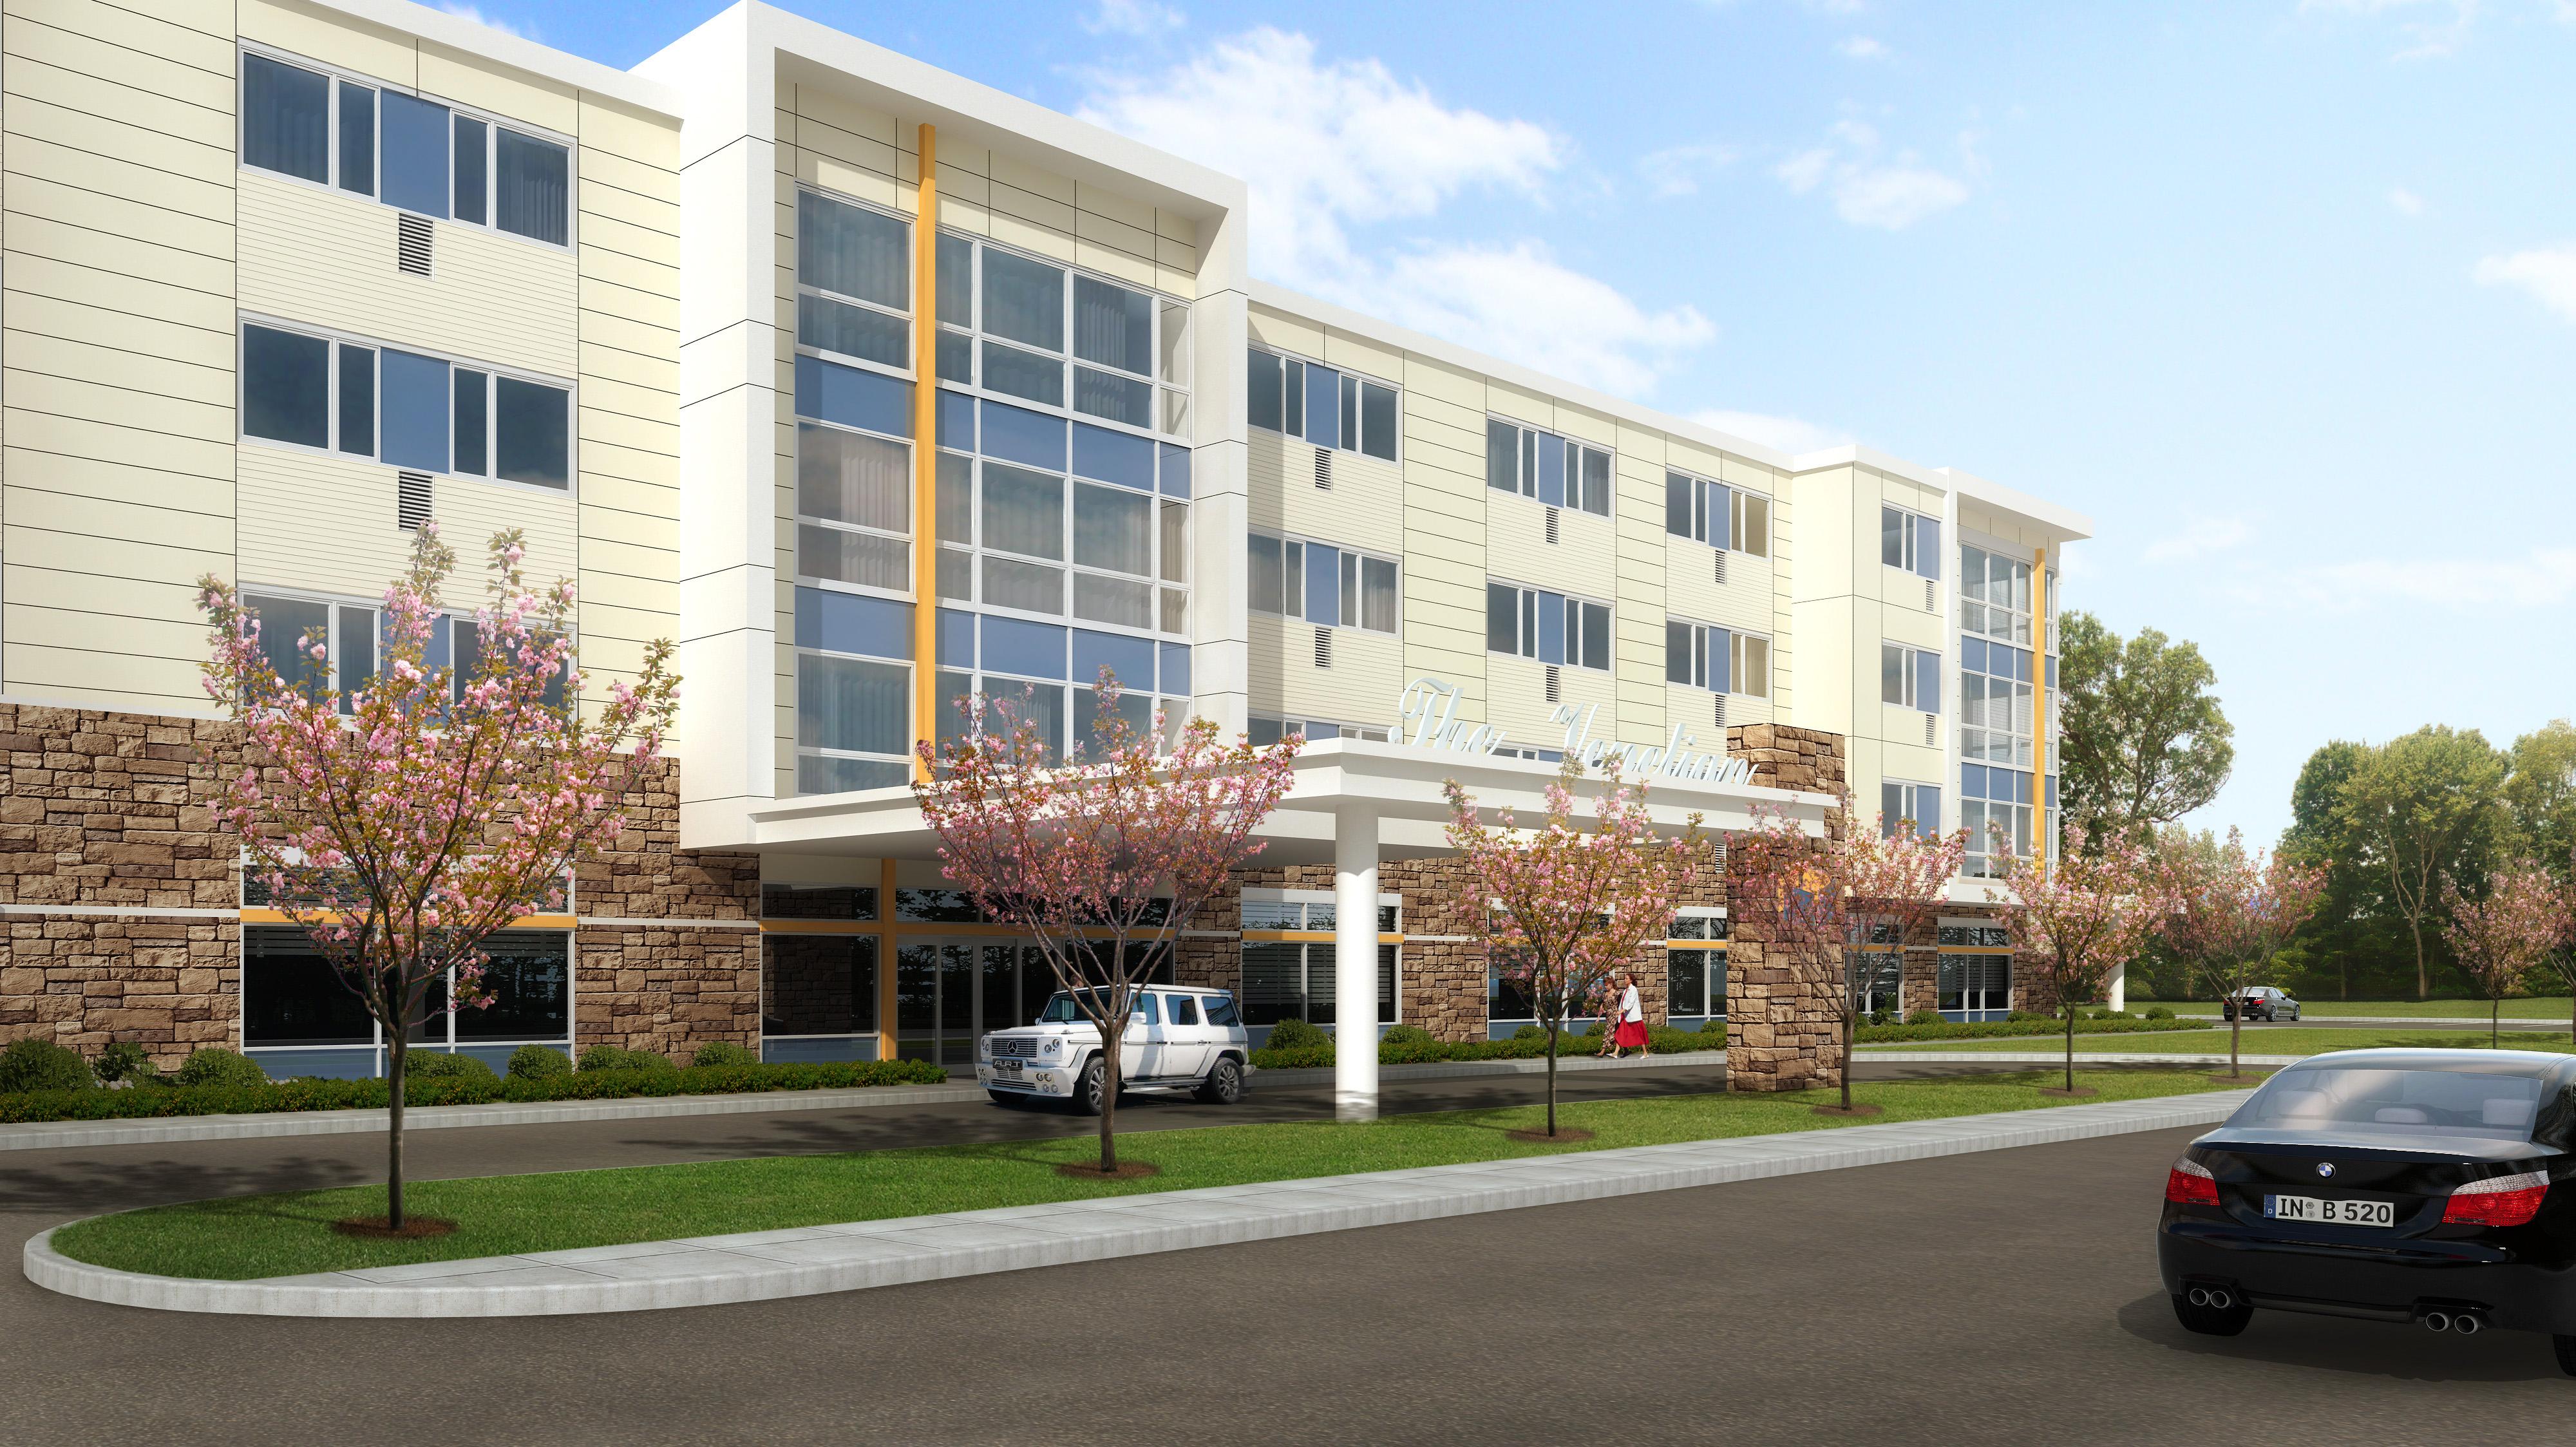 Venetian Care Rehabilitation Center Will Offer Short